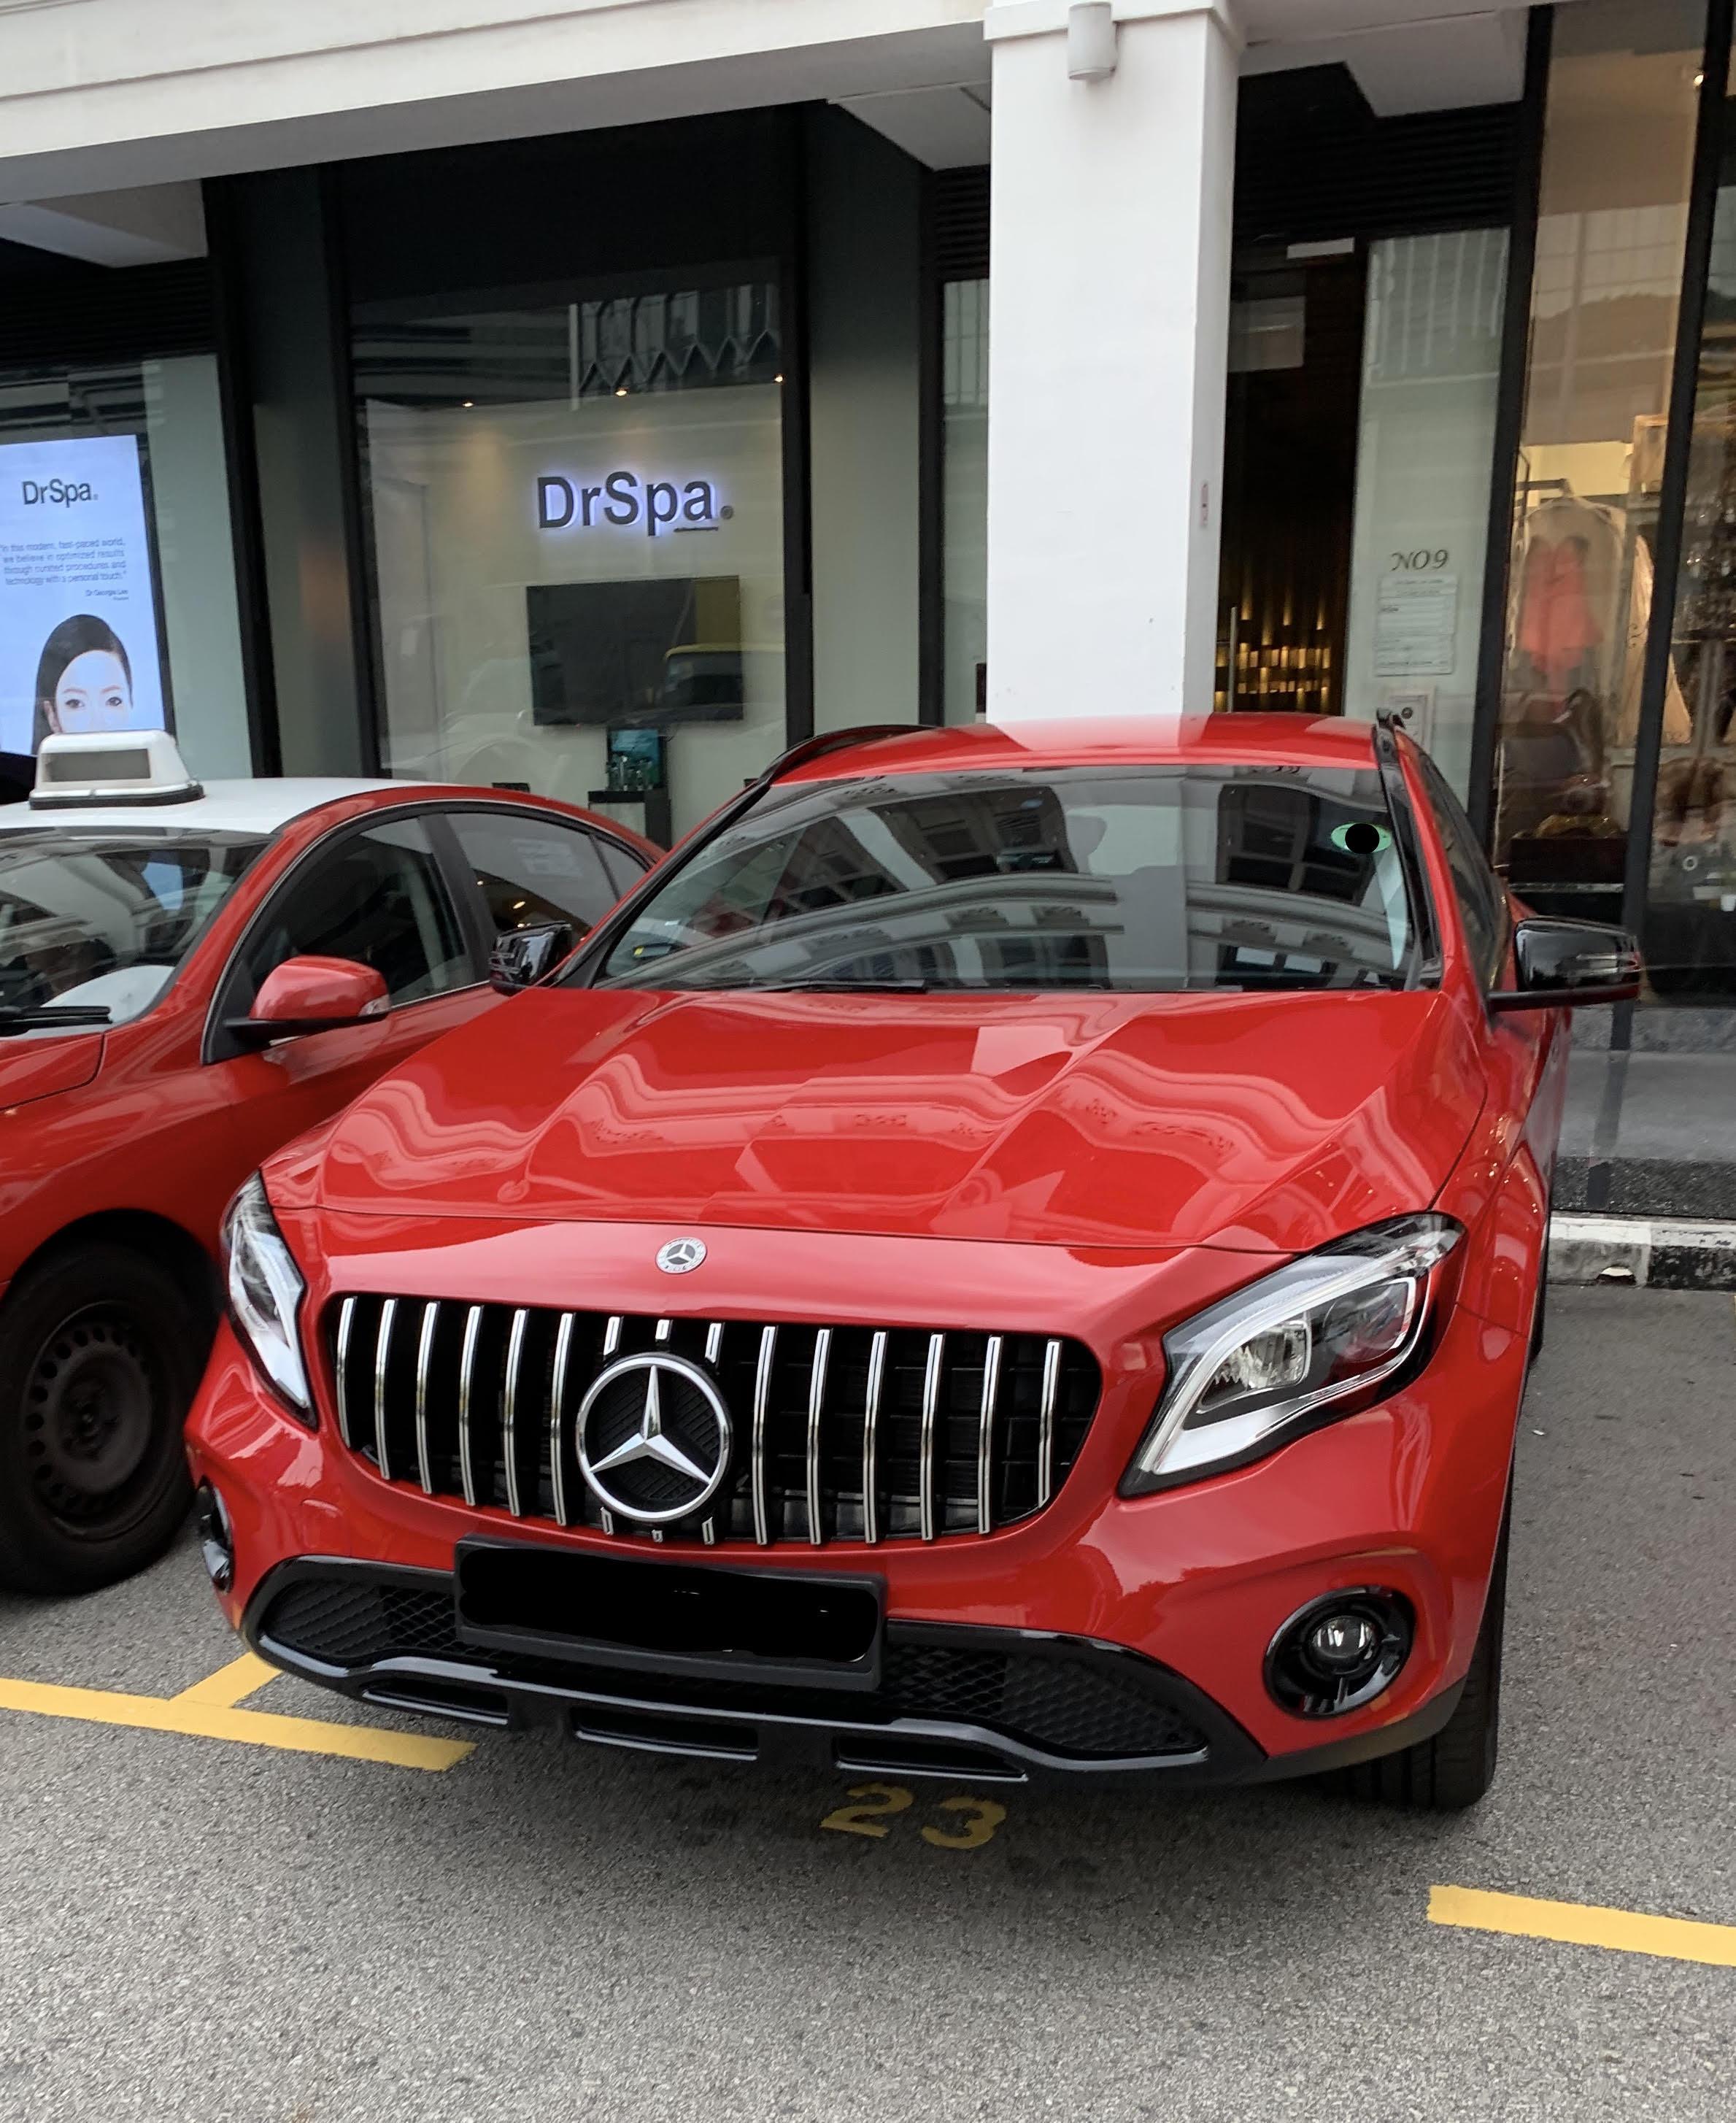 Aftermarket Grille Safe For Engine Mercedes Benz Gla Forum